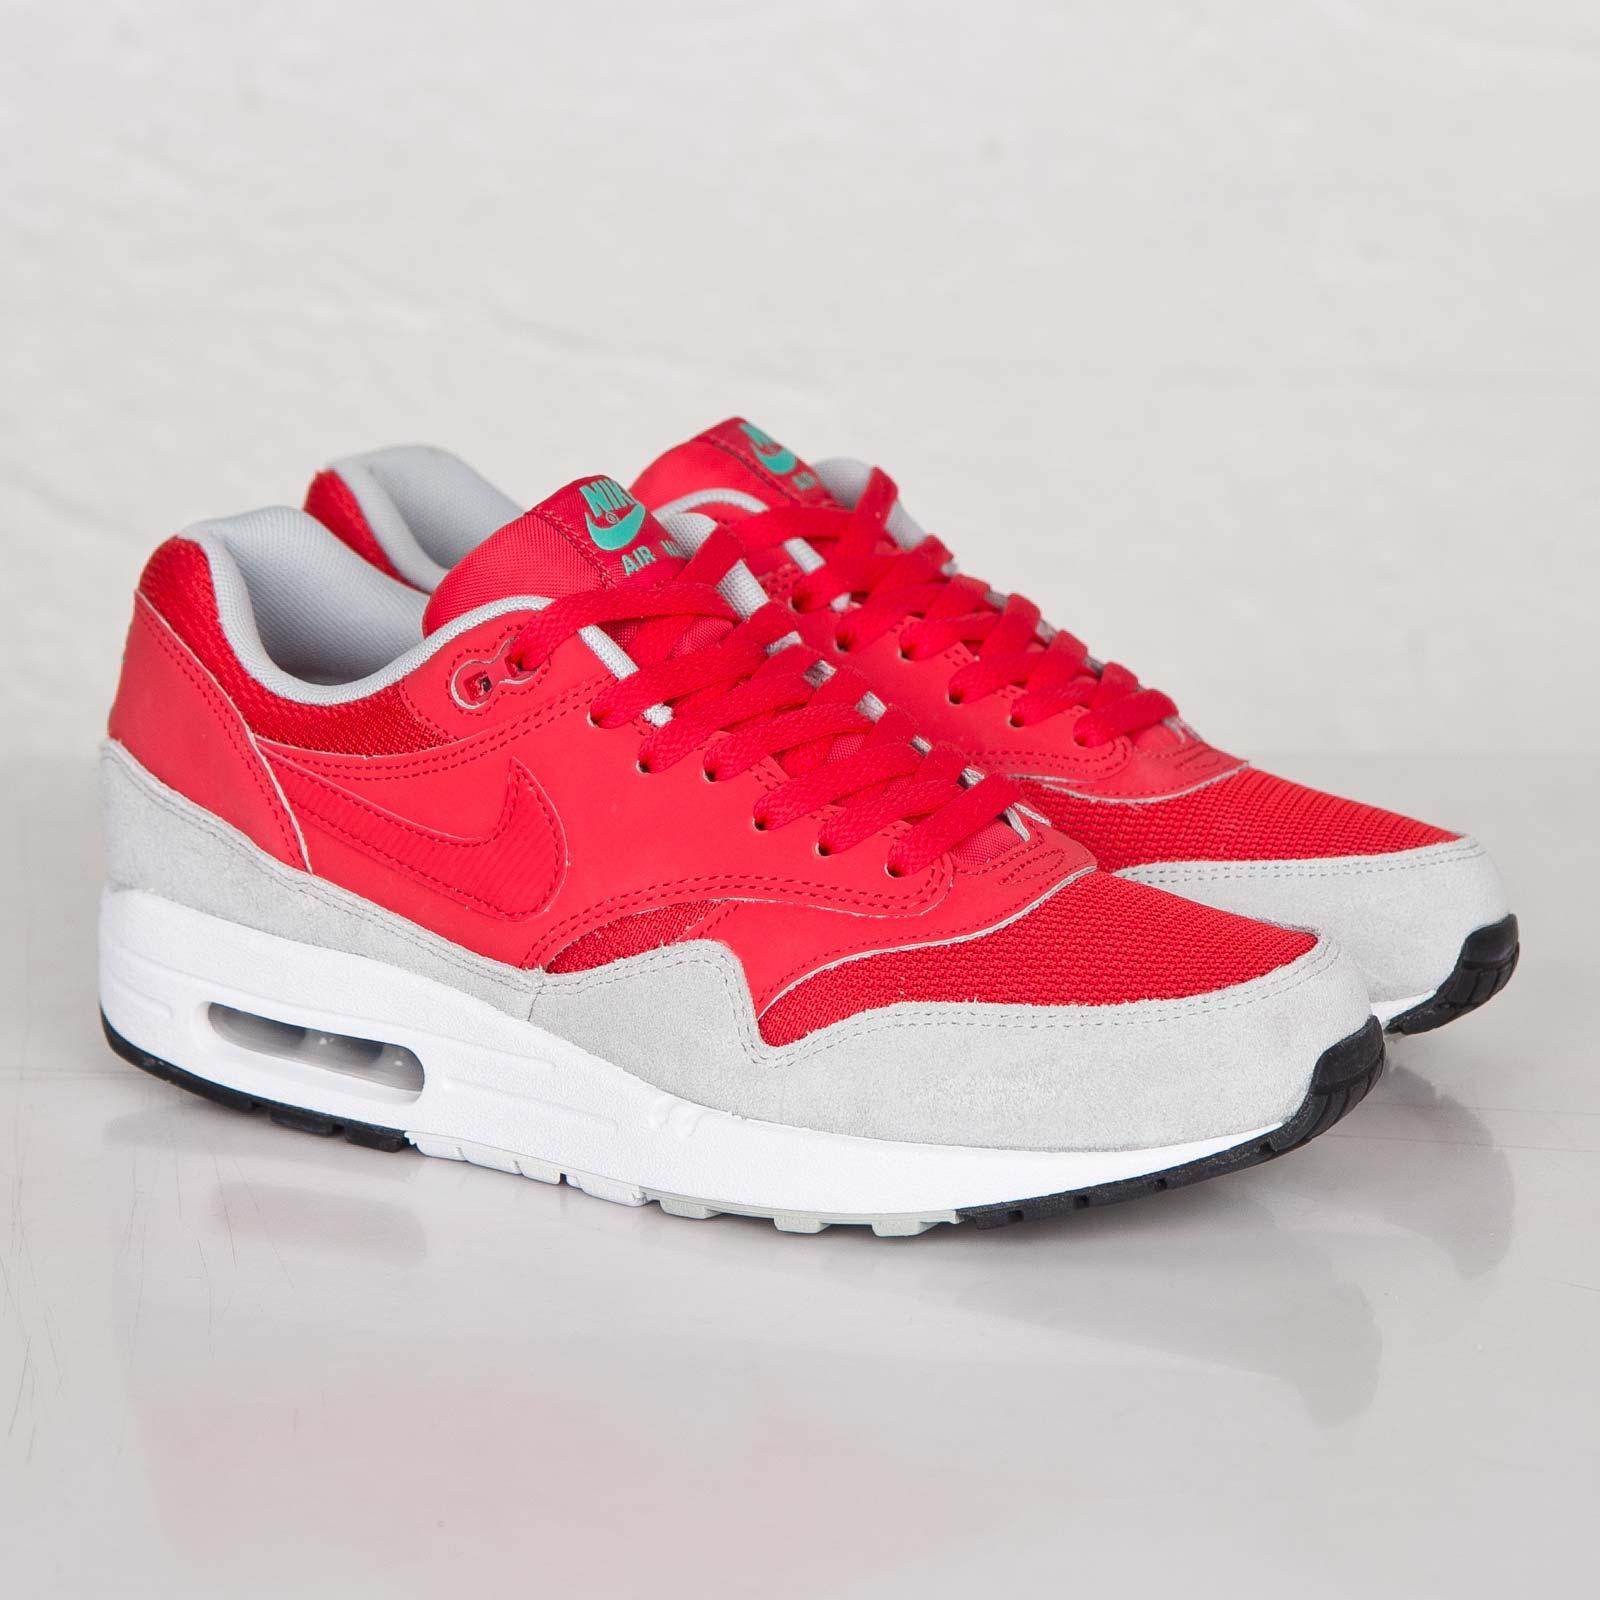 Nike Air Max 1 Essential 537383 600 Sneakersnstuff